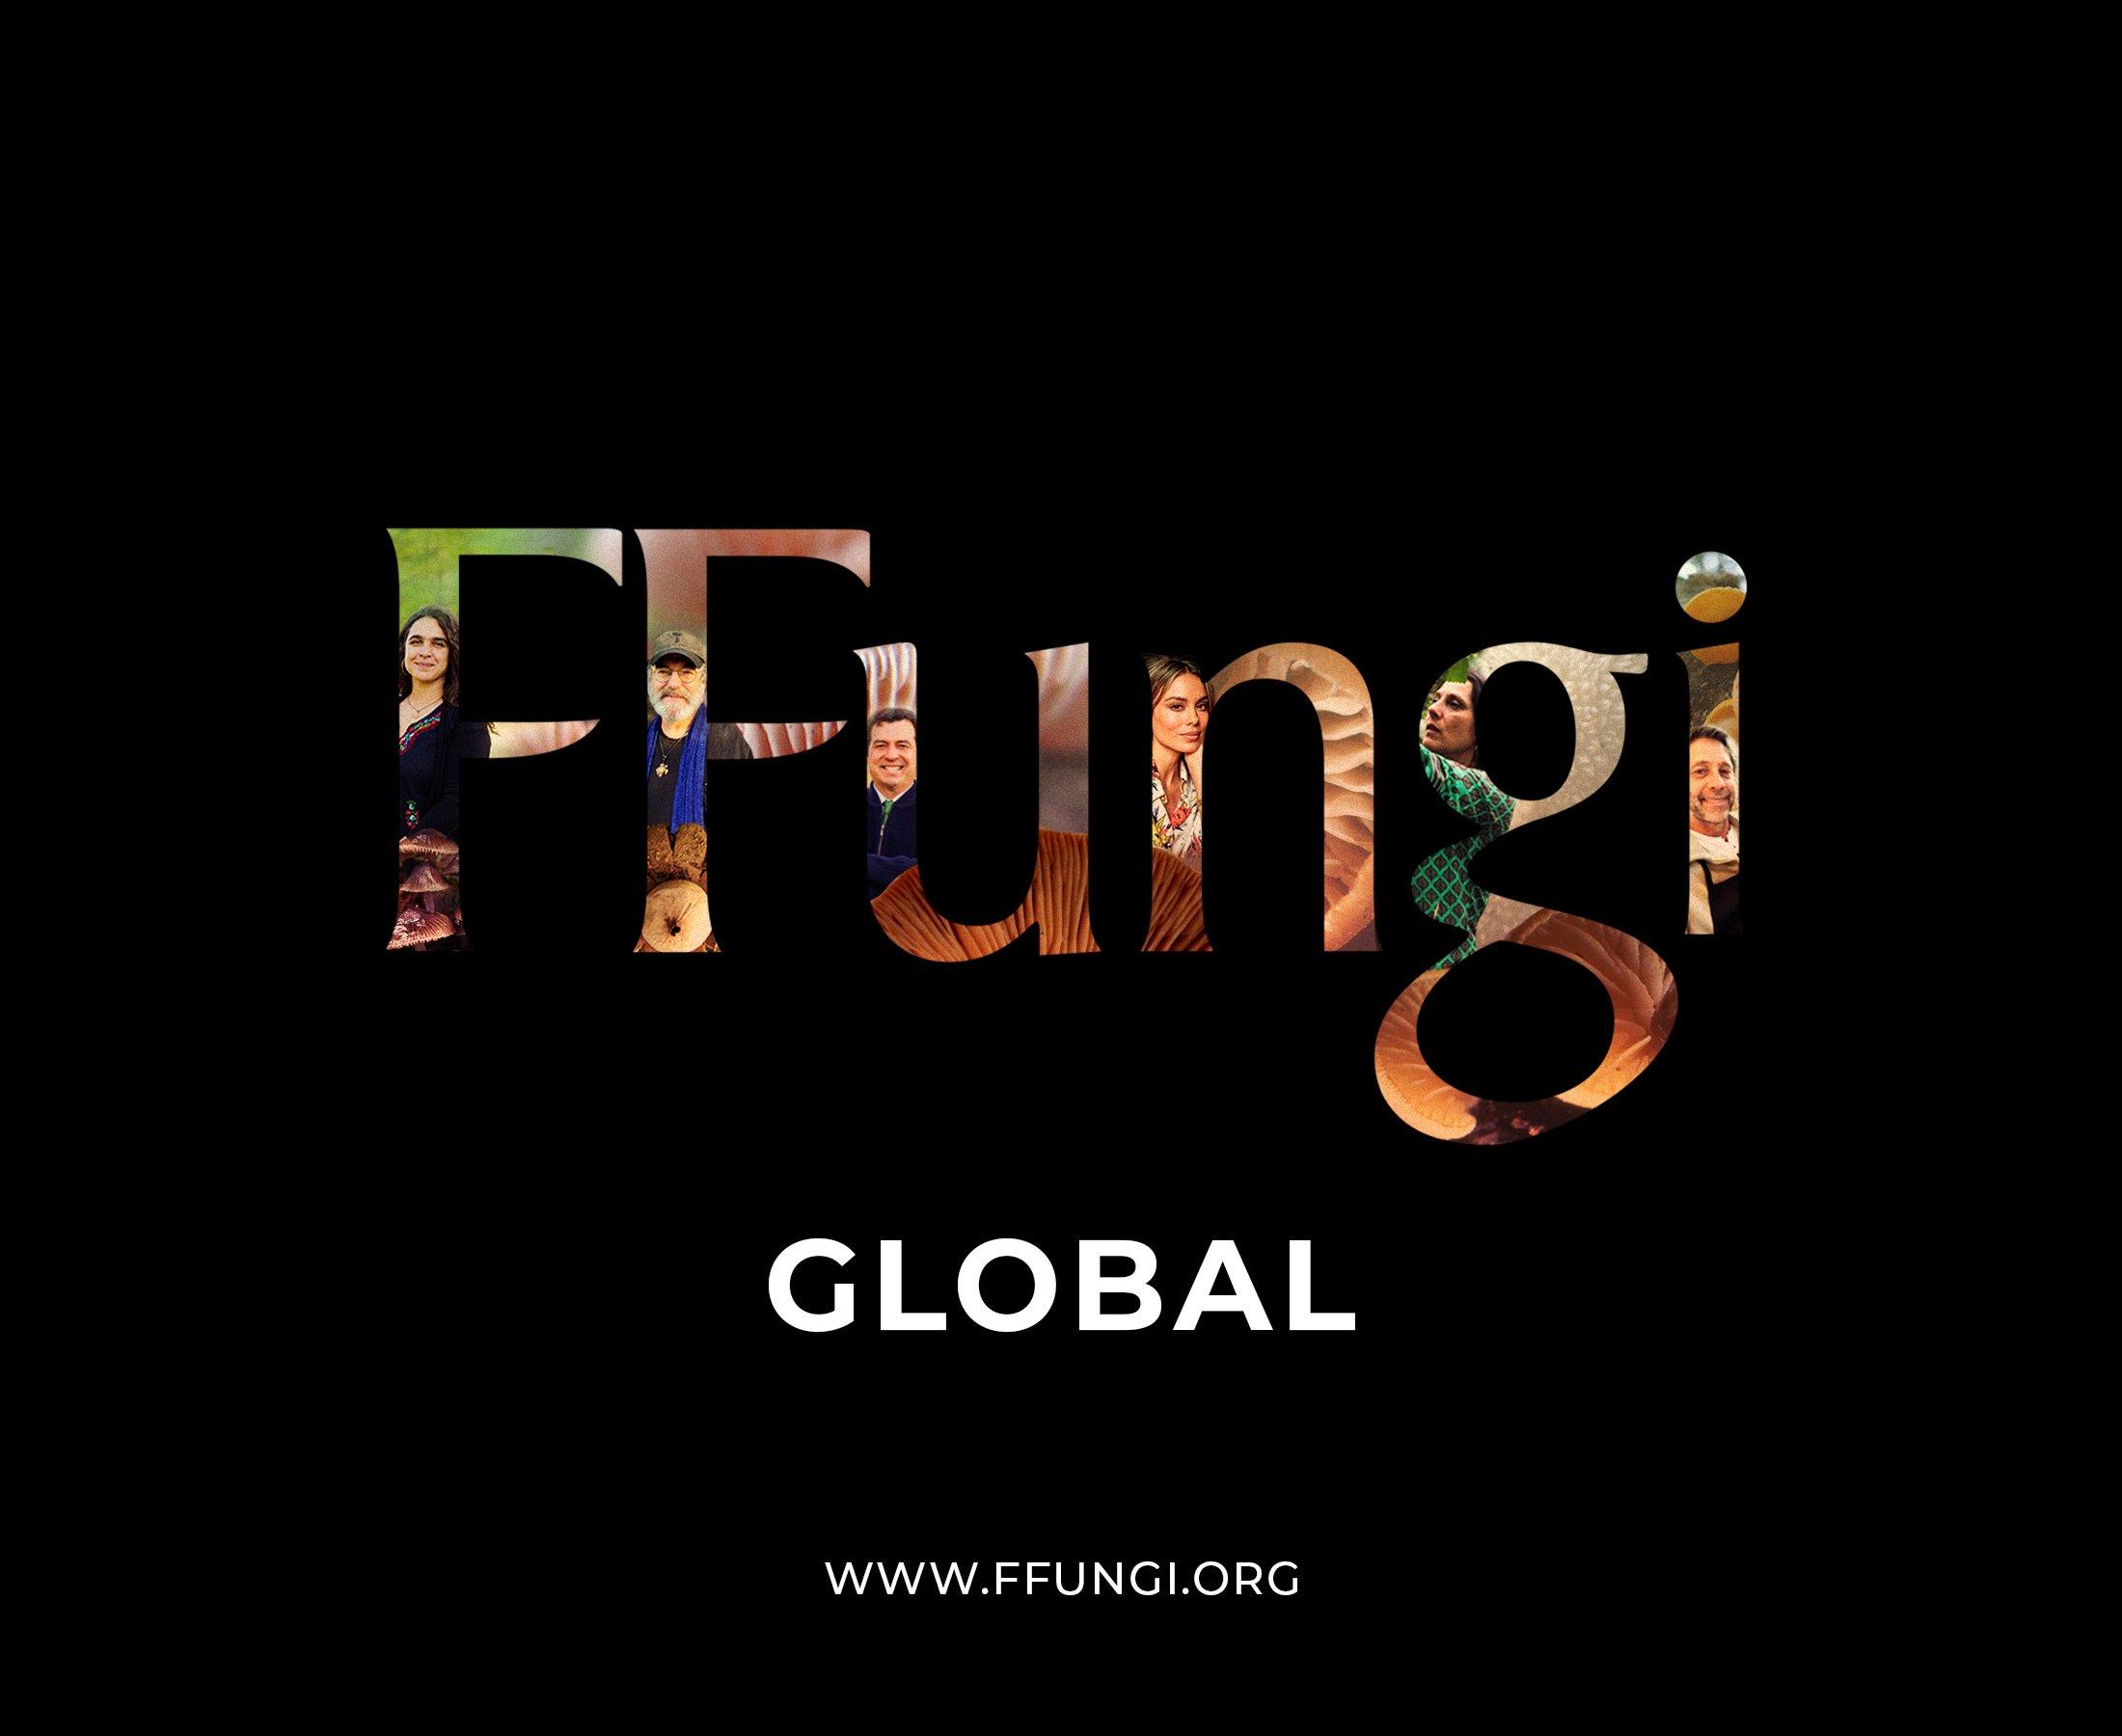 Fungi Foundation Goes Global